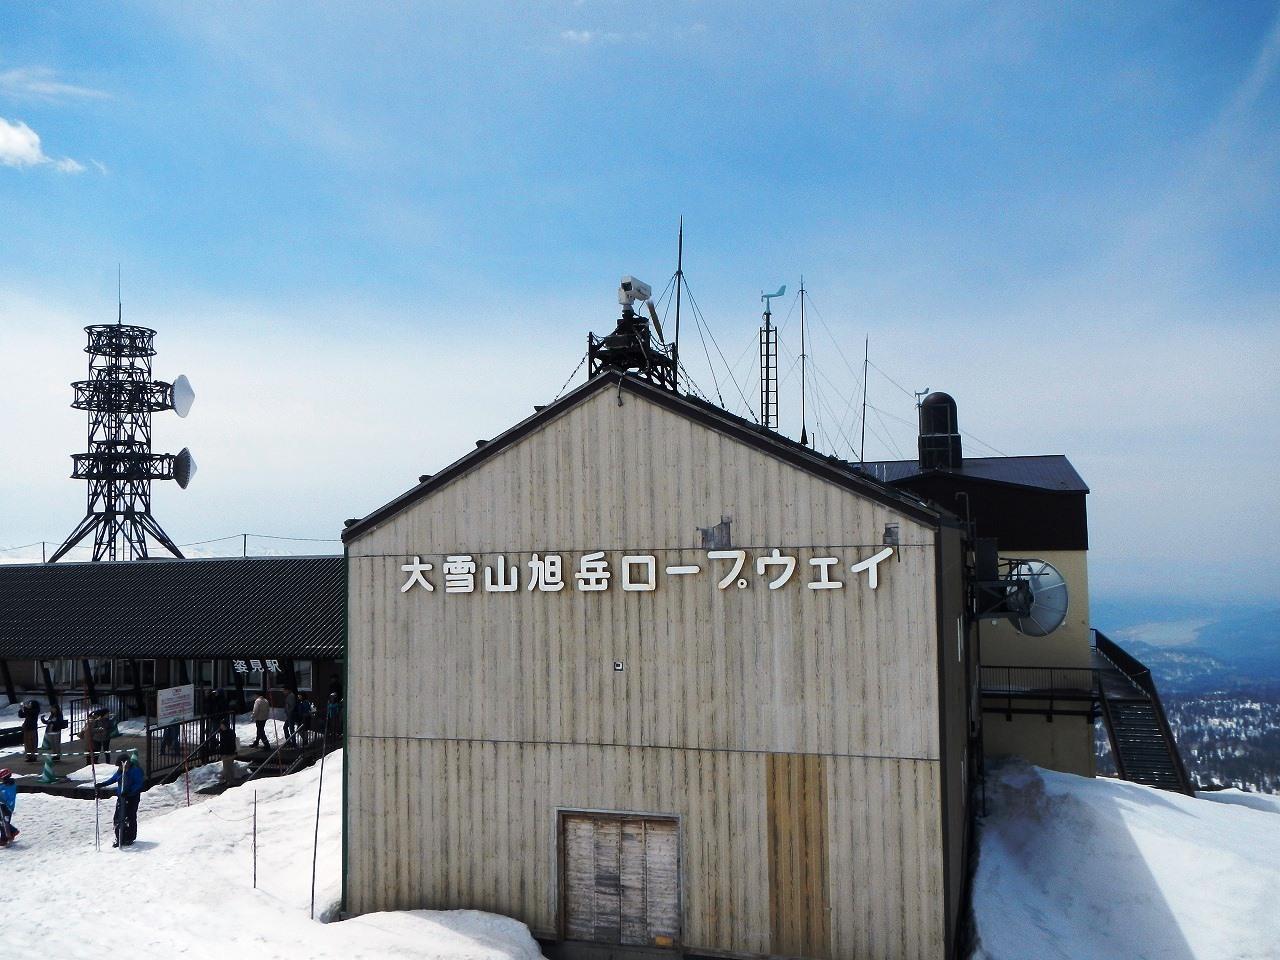 大雪山旭岳・姿見駅